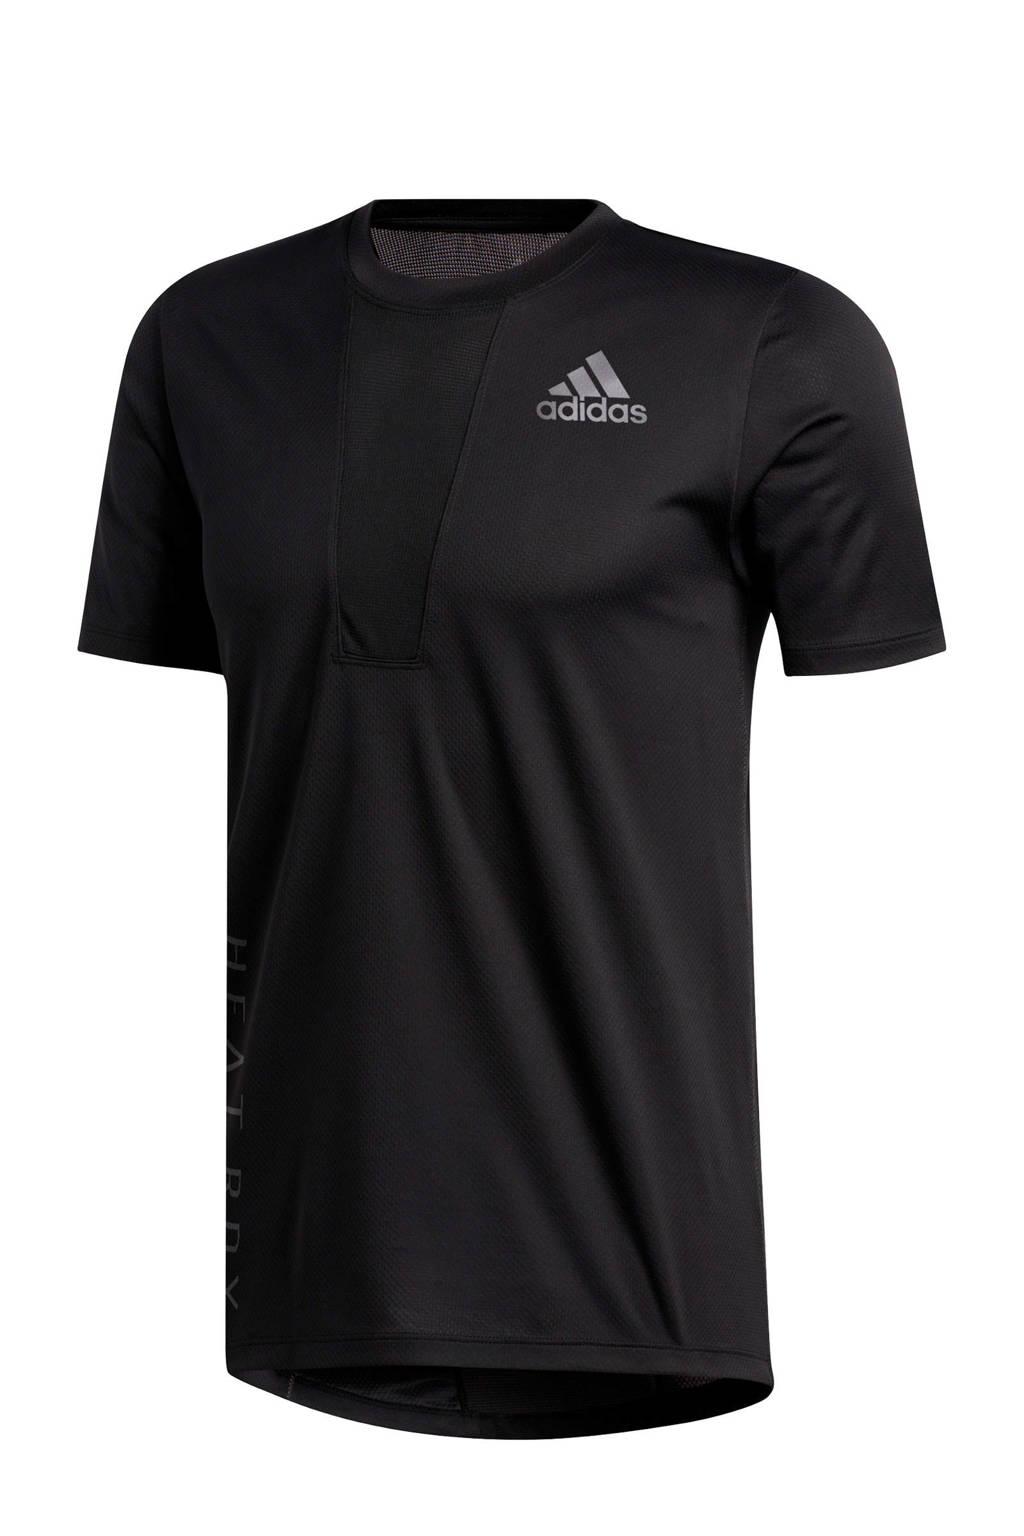 adidas Performance   sport T-shirt zwart, Zwart, Heren